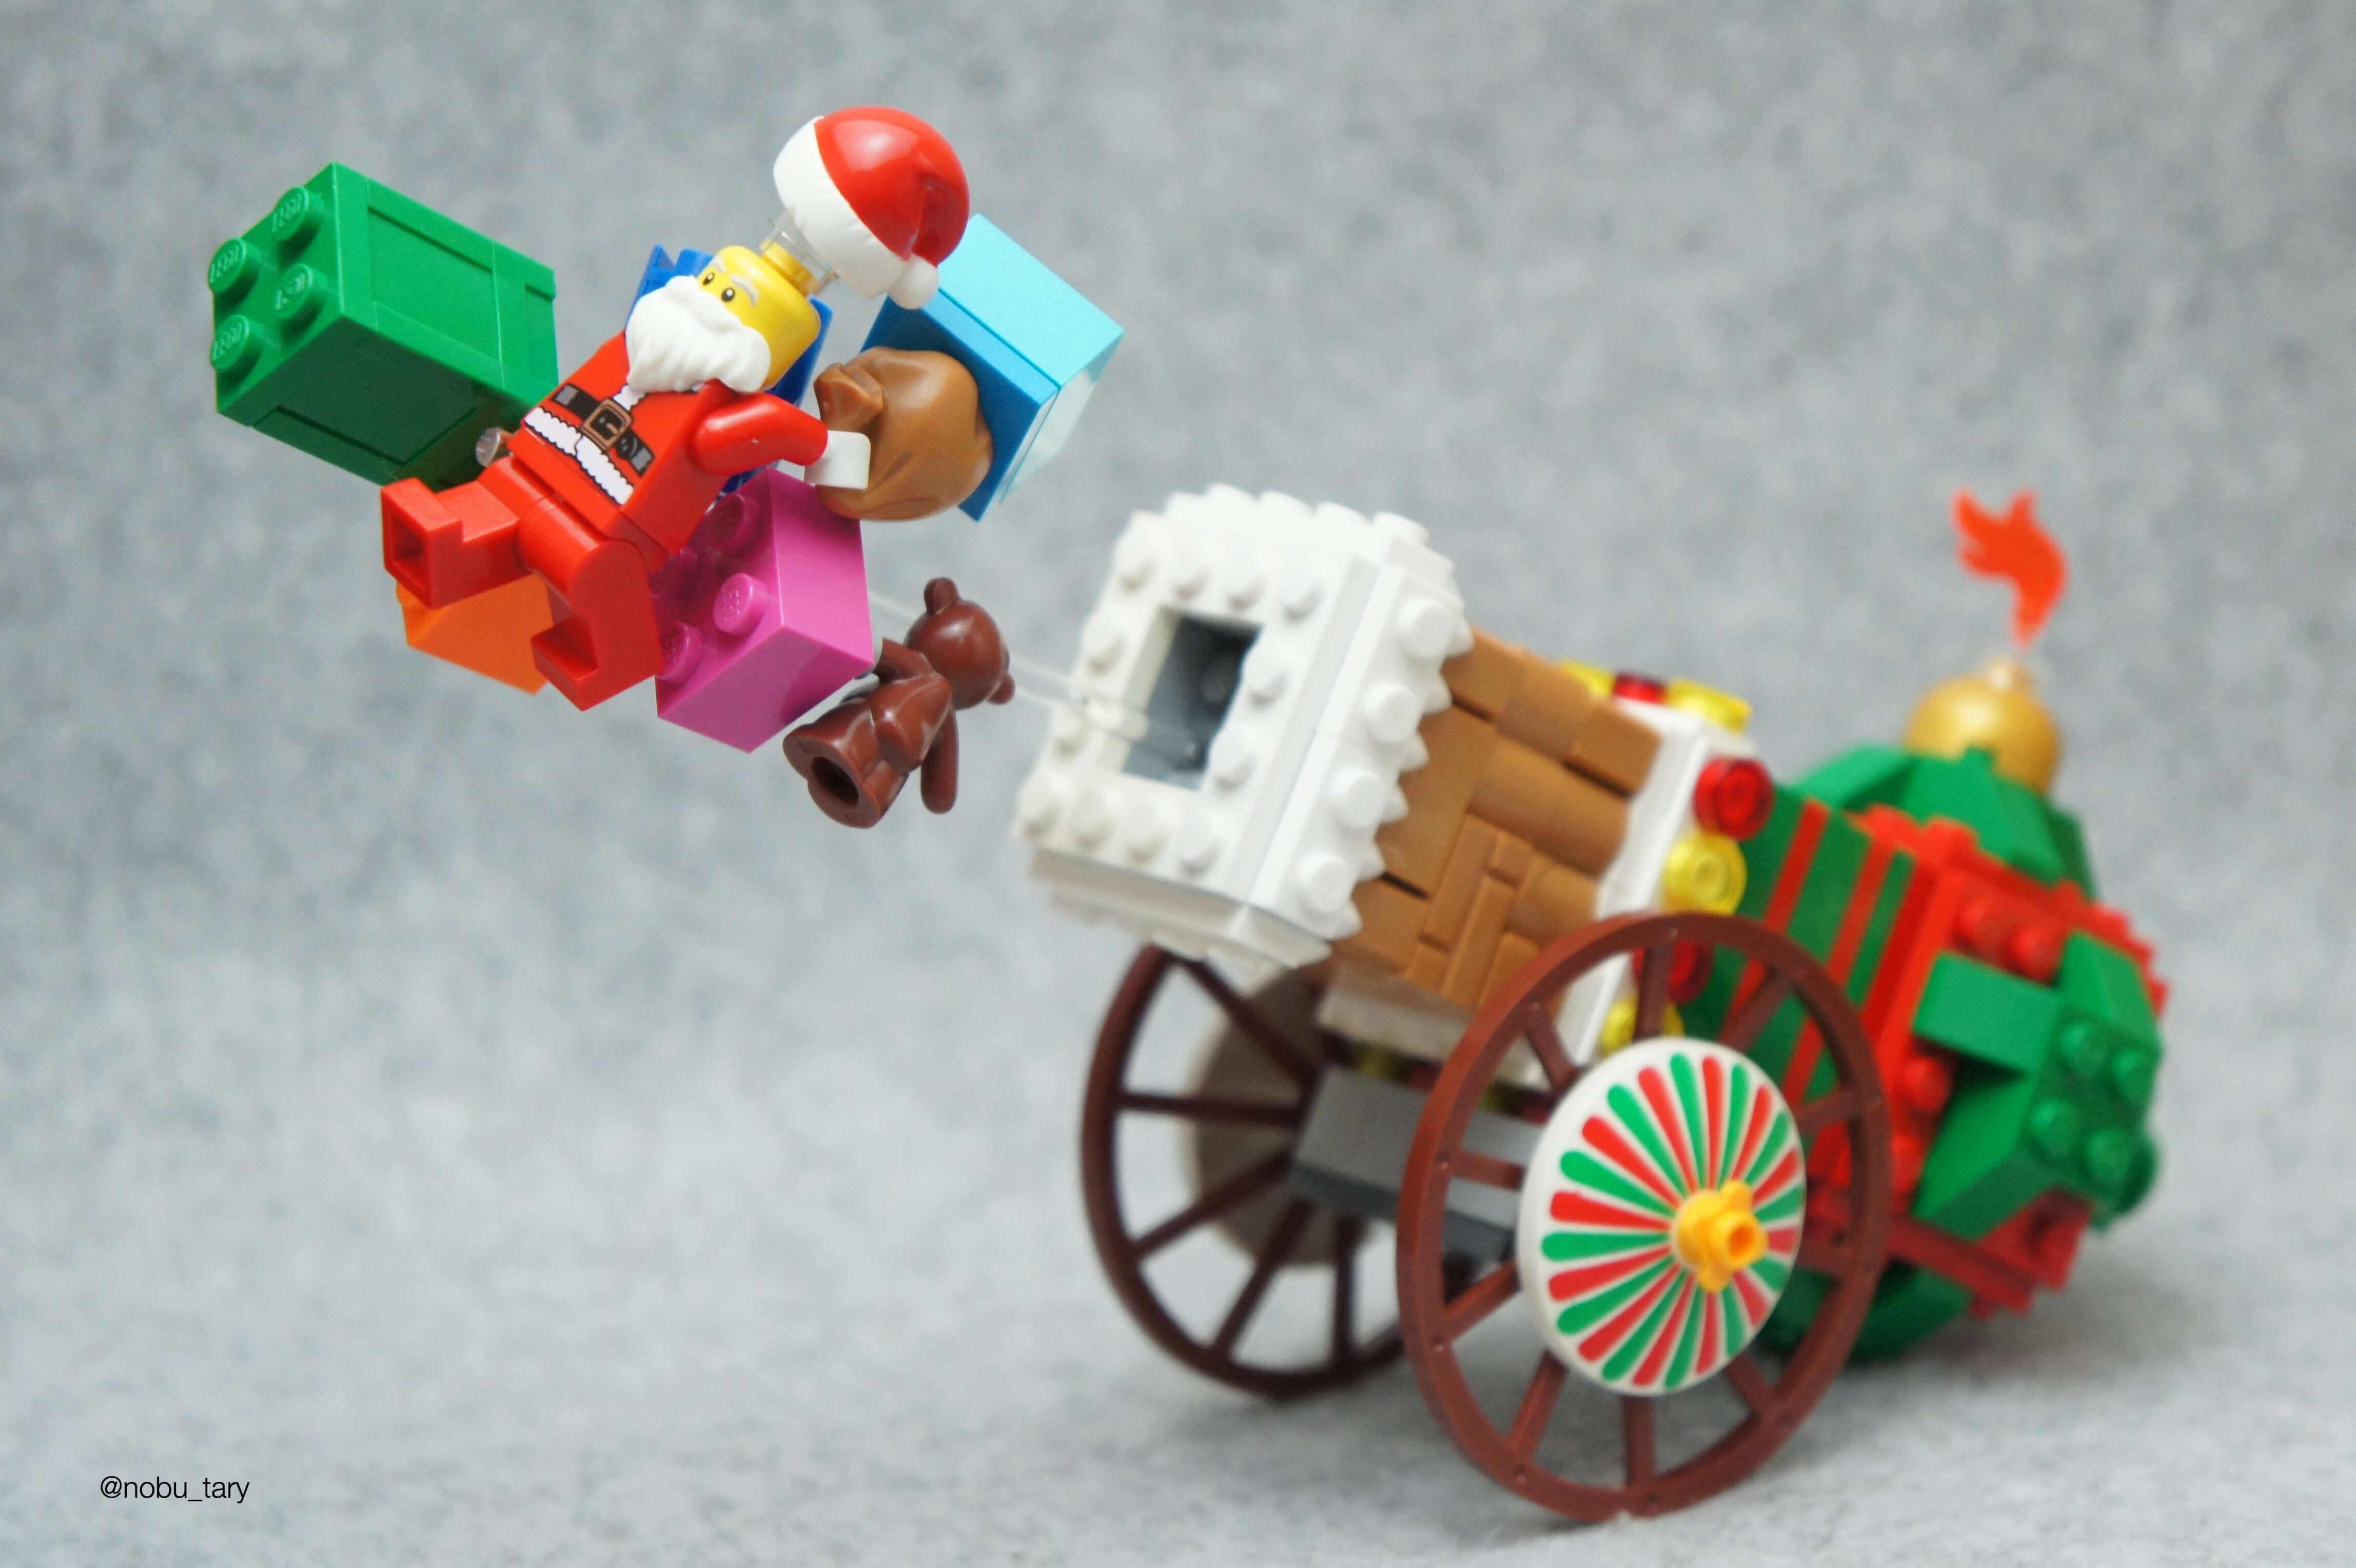 LEGO Christmas 2016 van nobu-tary